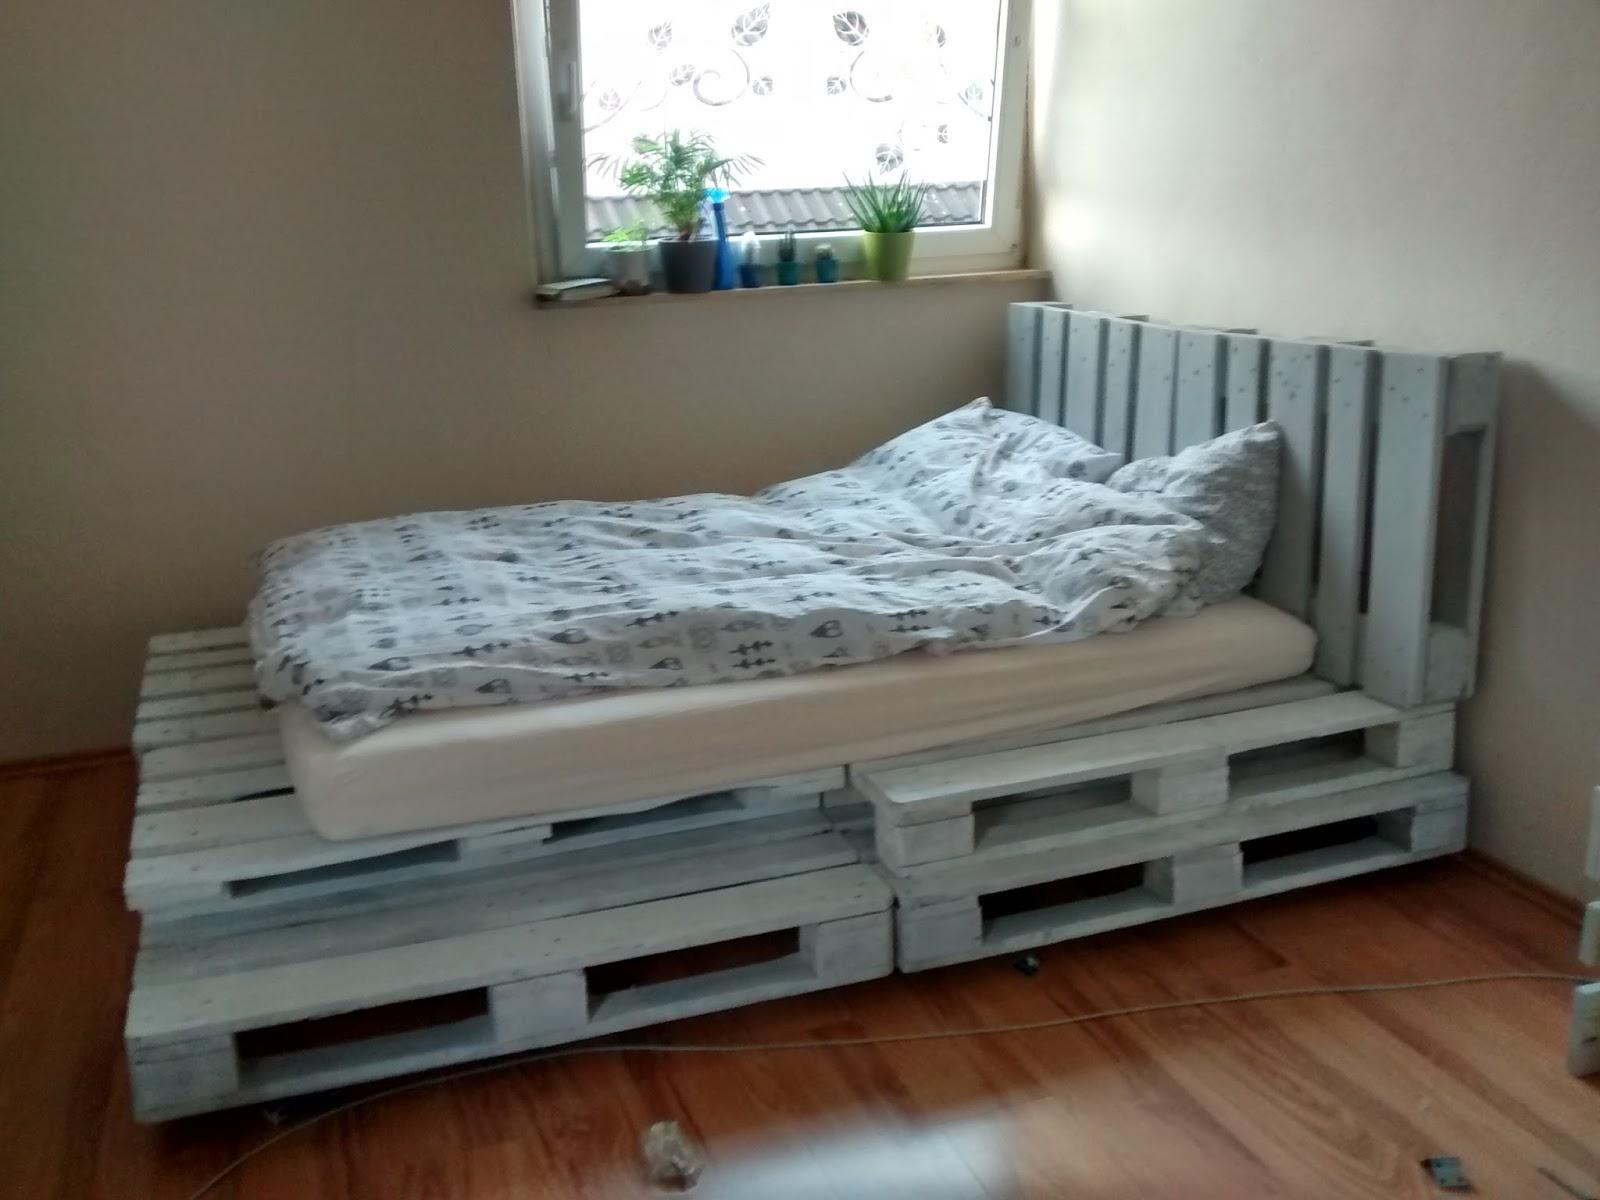 Der Plan - So baue ich mir mein Palettenbett! | DIYPalettenbett